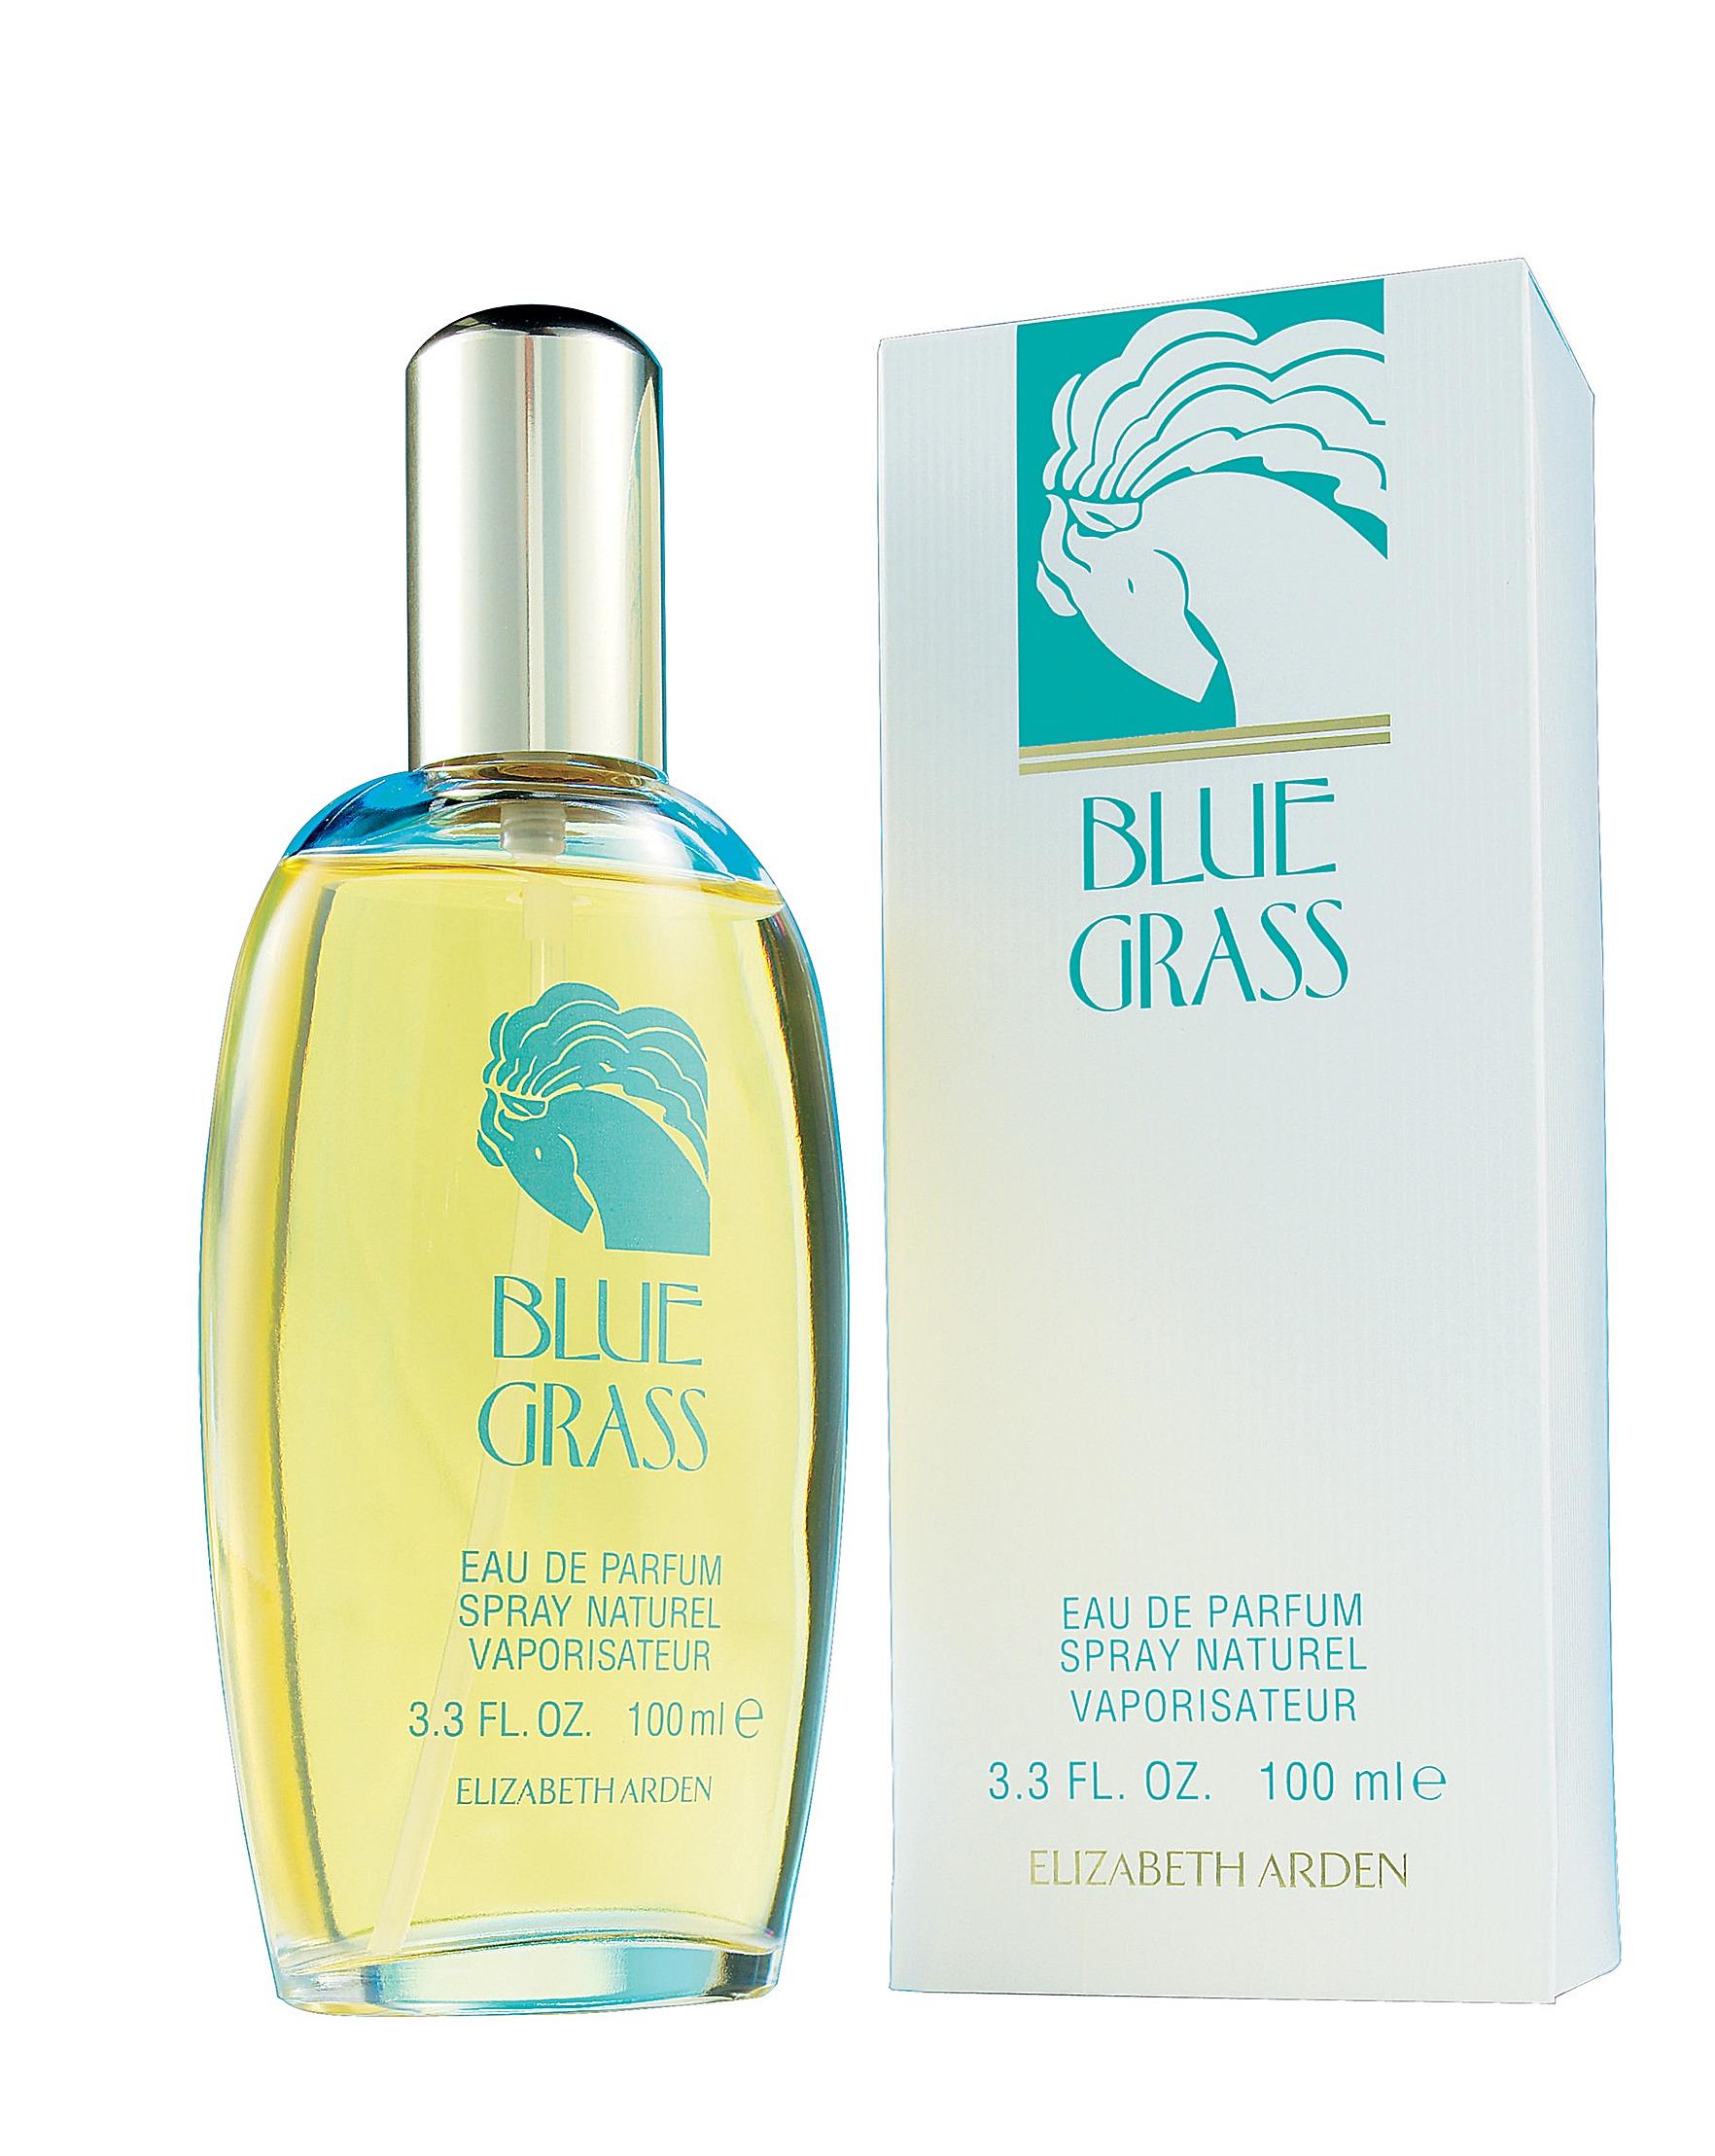 Elizabeth Arden Blue Grass 30ml Oxendales